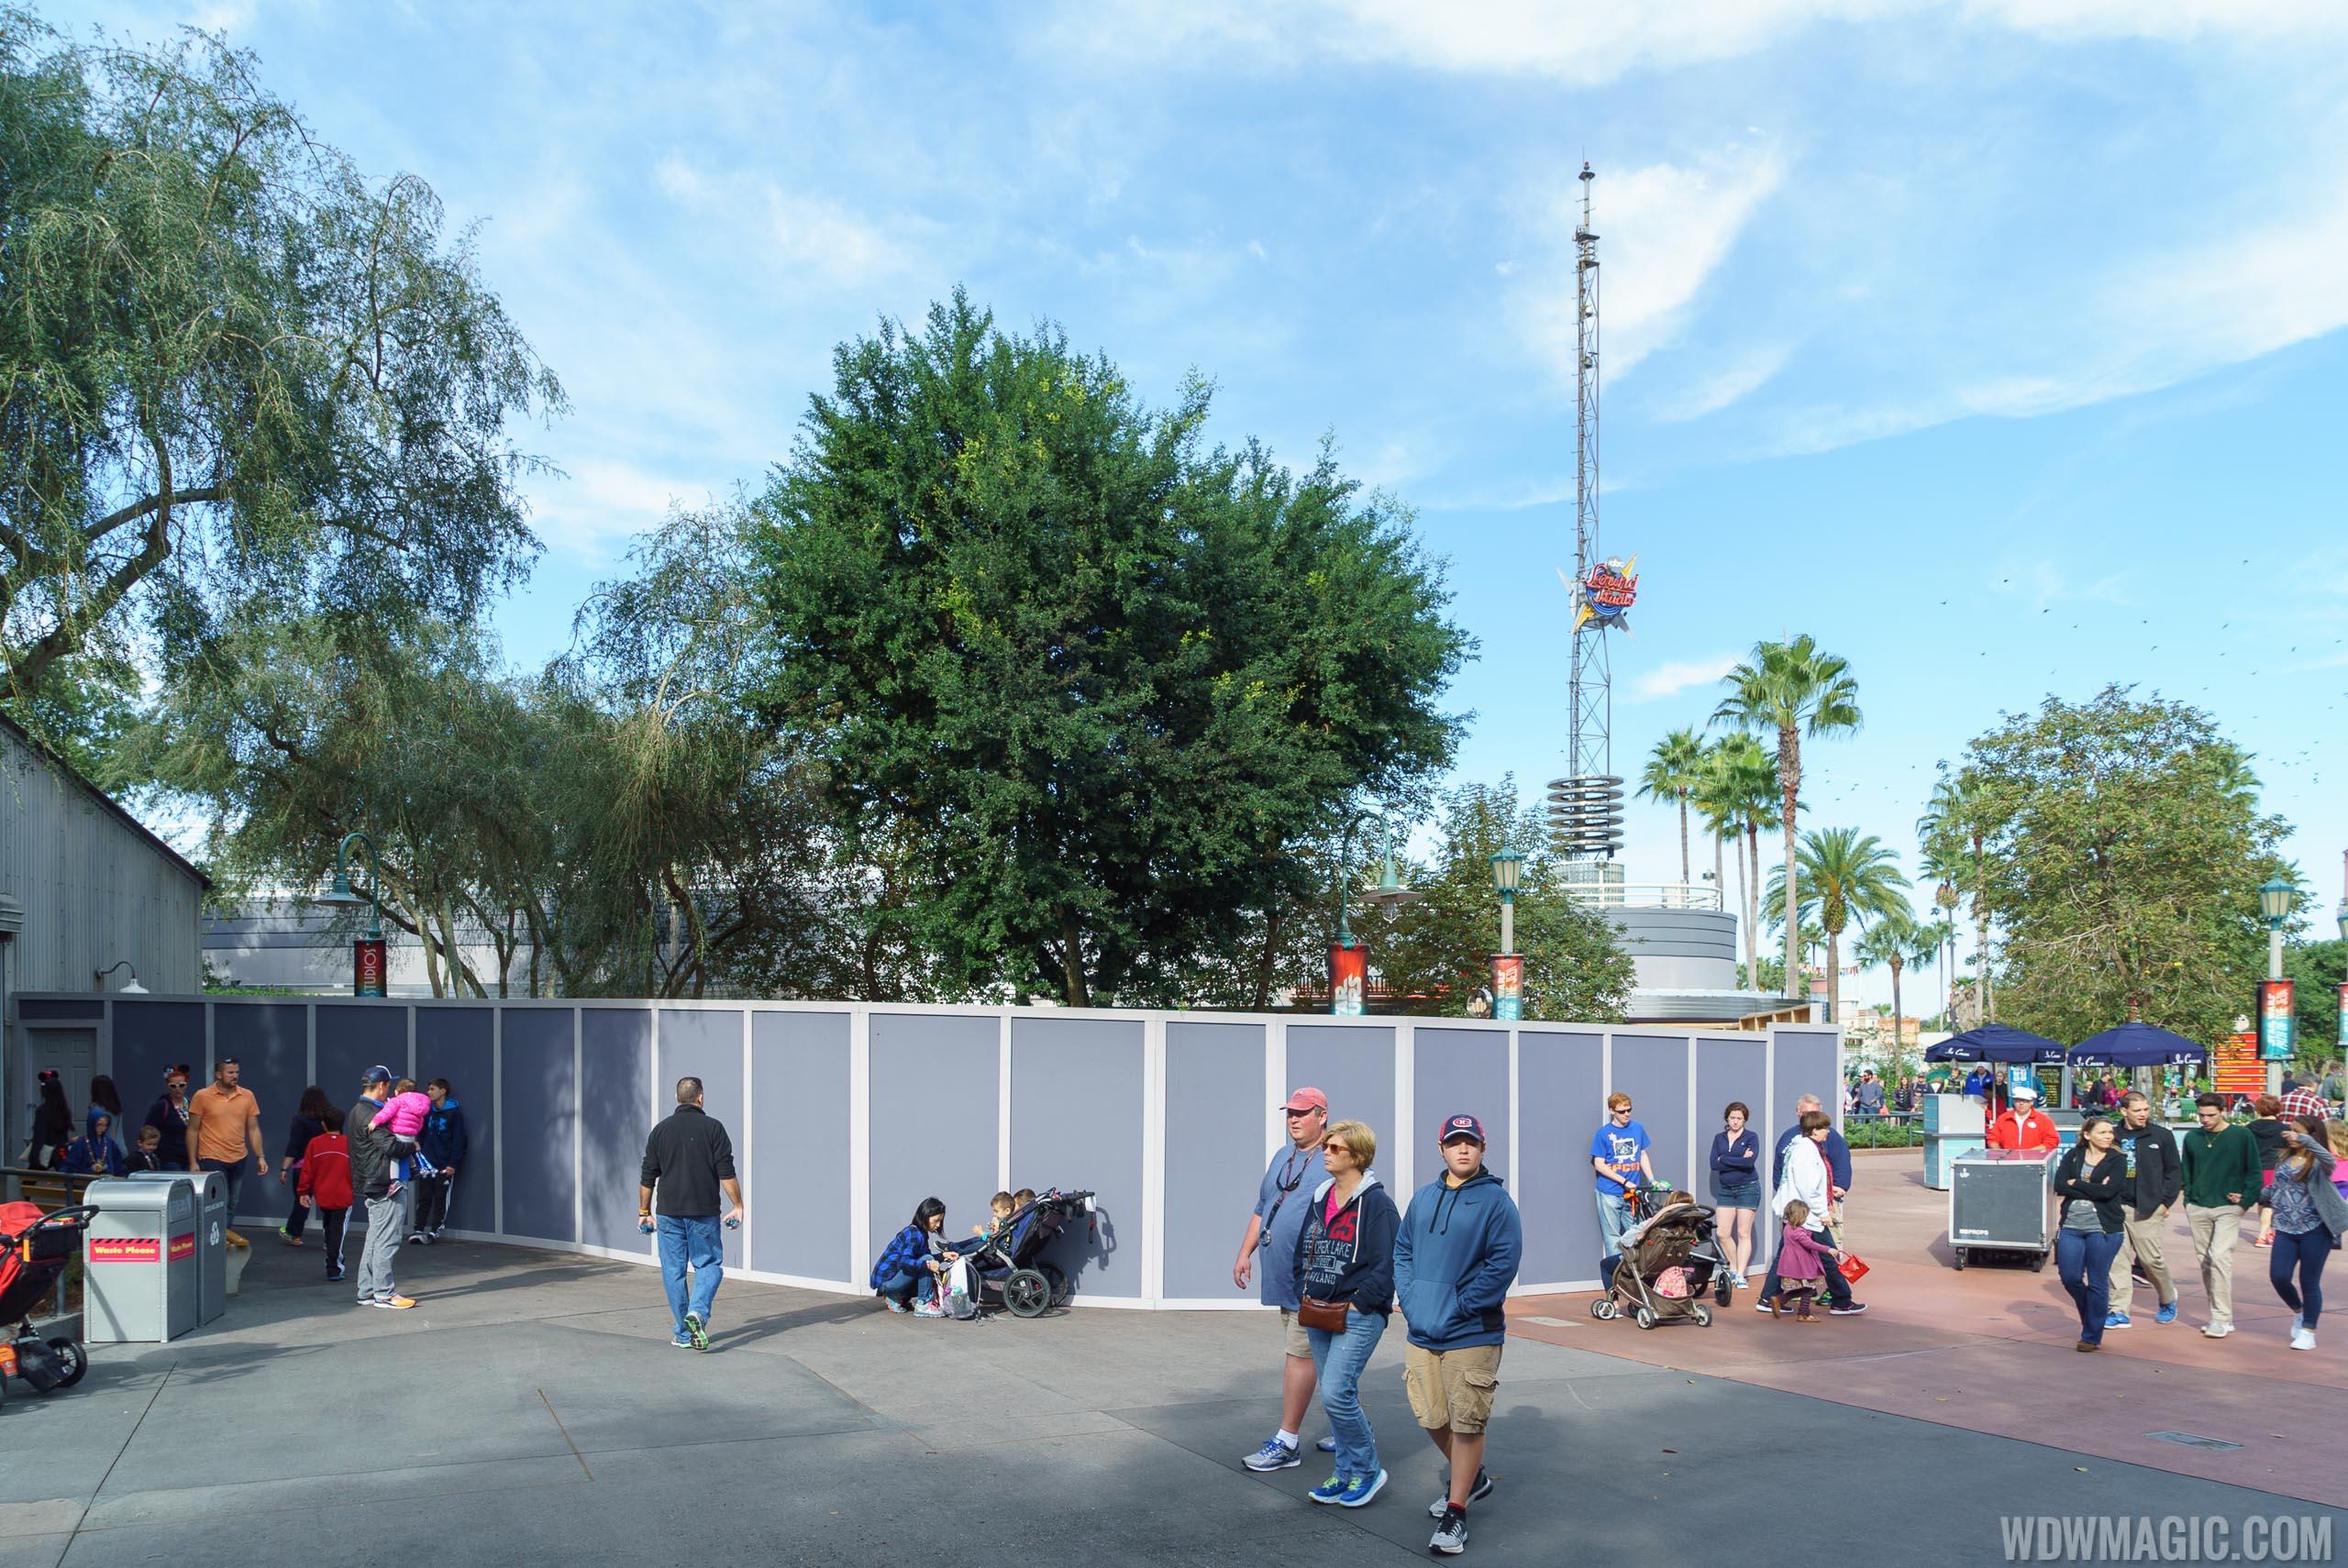 Meet and greet construction near Star Tours